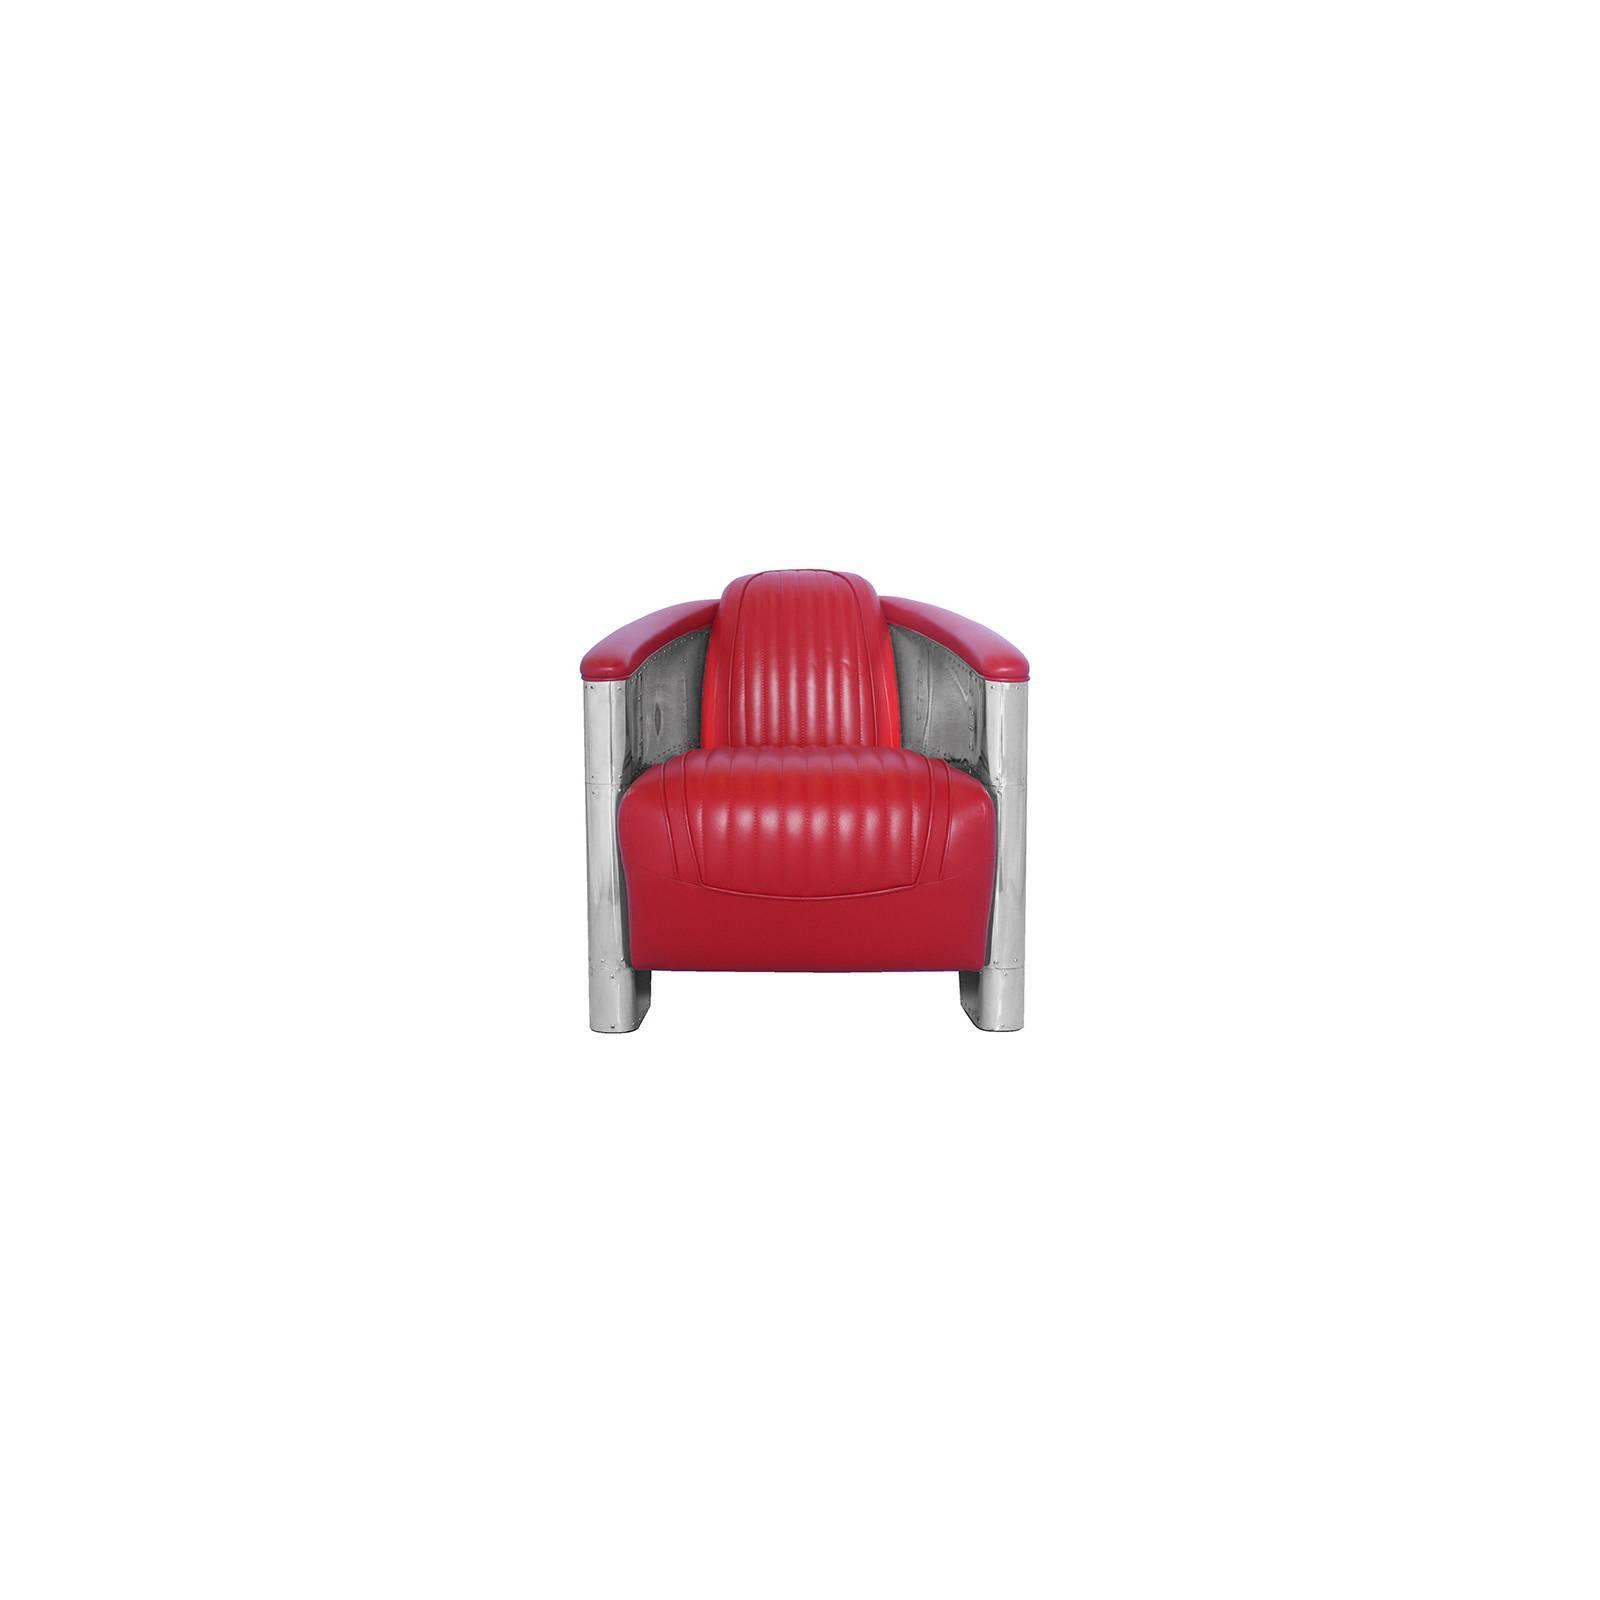 Fauteuil Club DC3, cuir rouge Fauteuils - 18